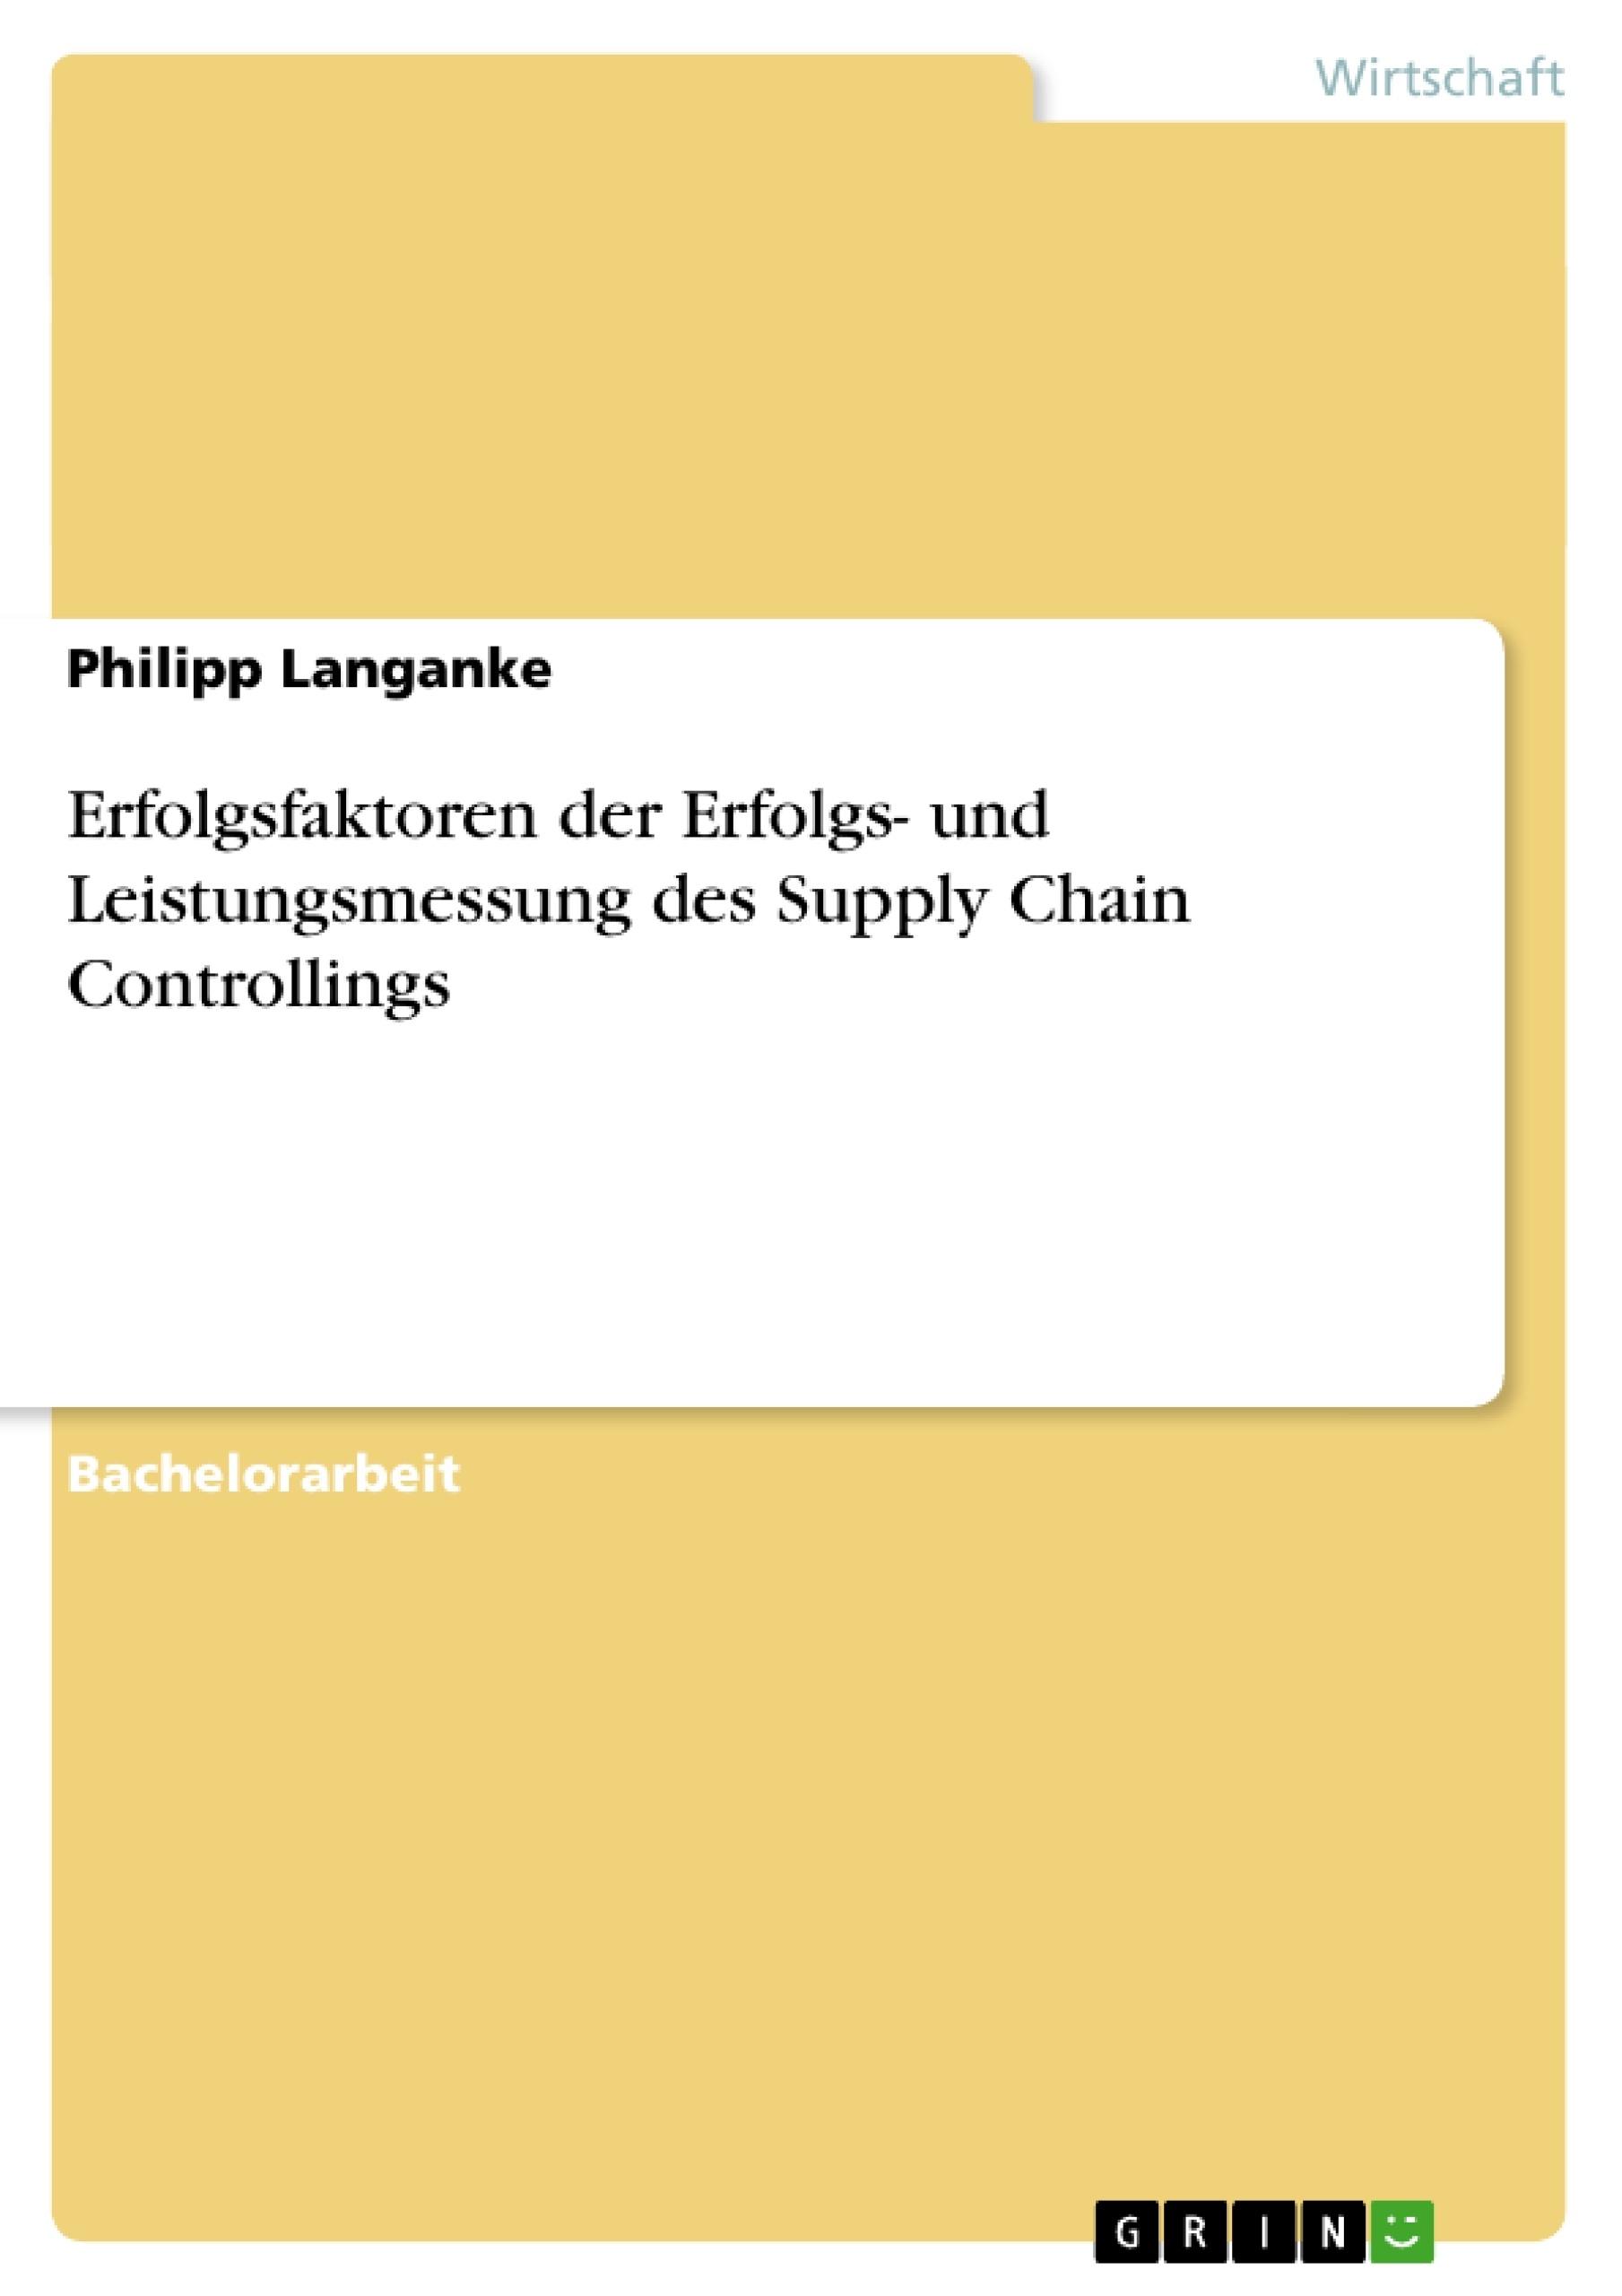 Titel: Erfolgsfaktoren der Erfolgs- und Leistungsmessung des Supply Chain Controllings